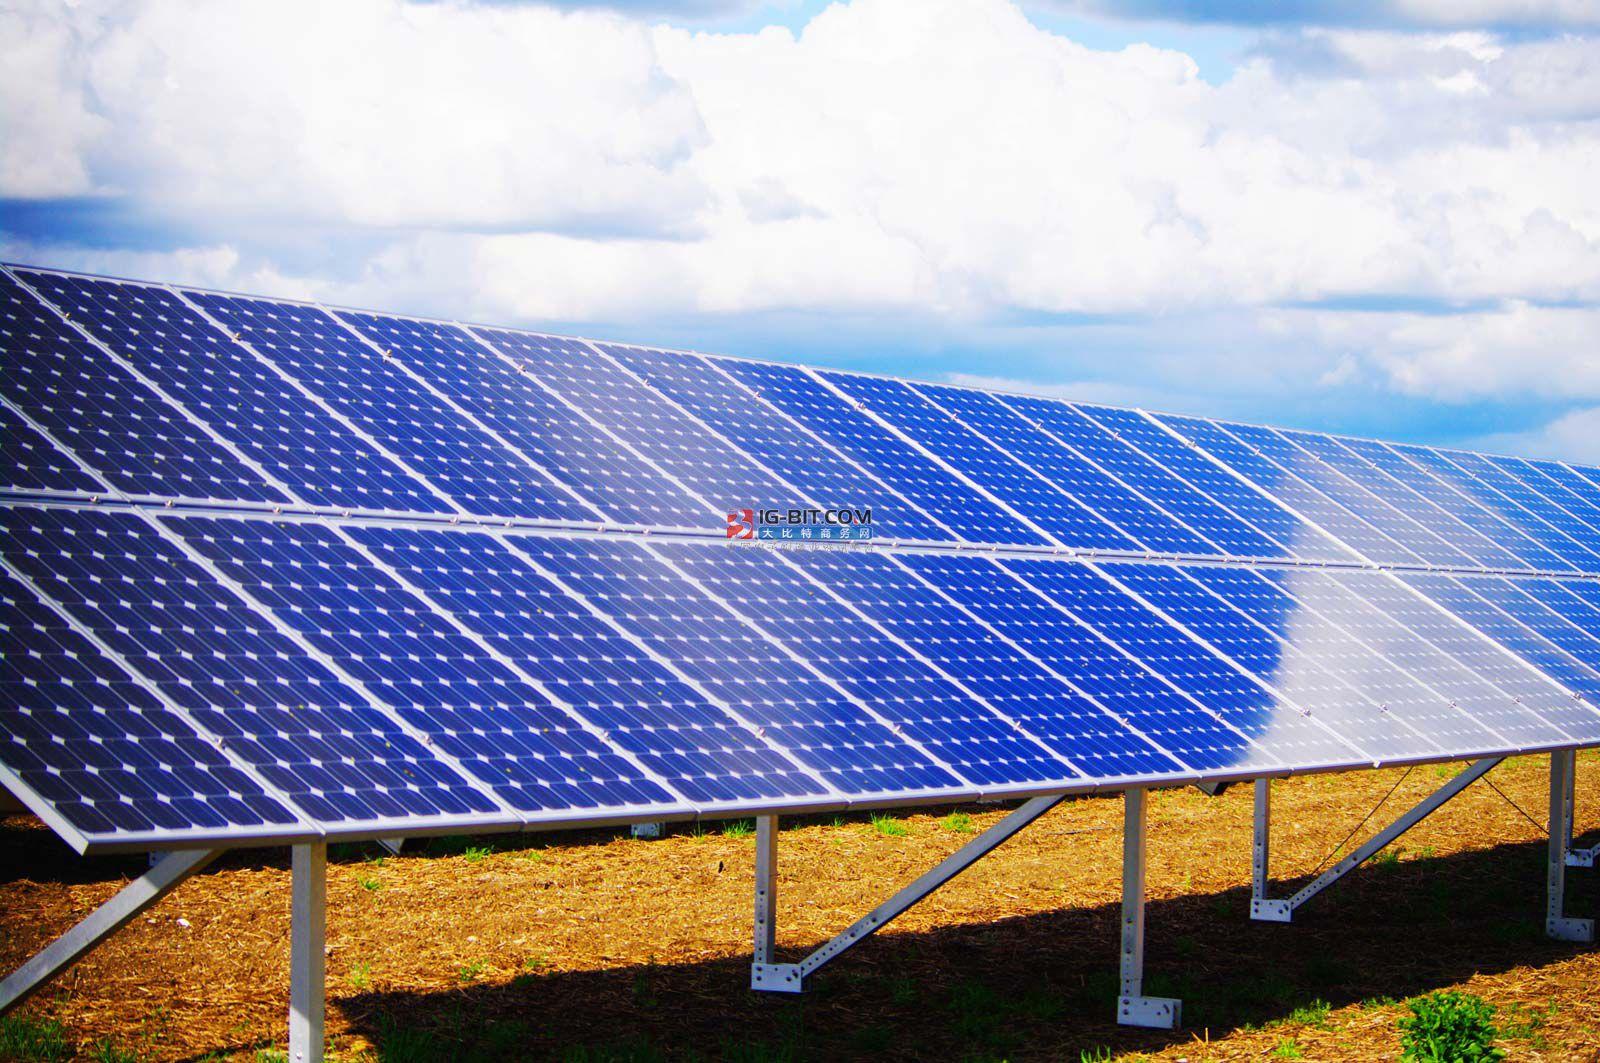 日出东方拟投建西藏子公司开发太阳能业务